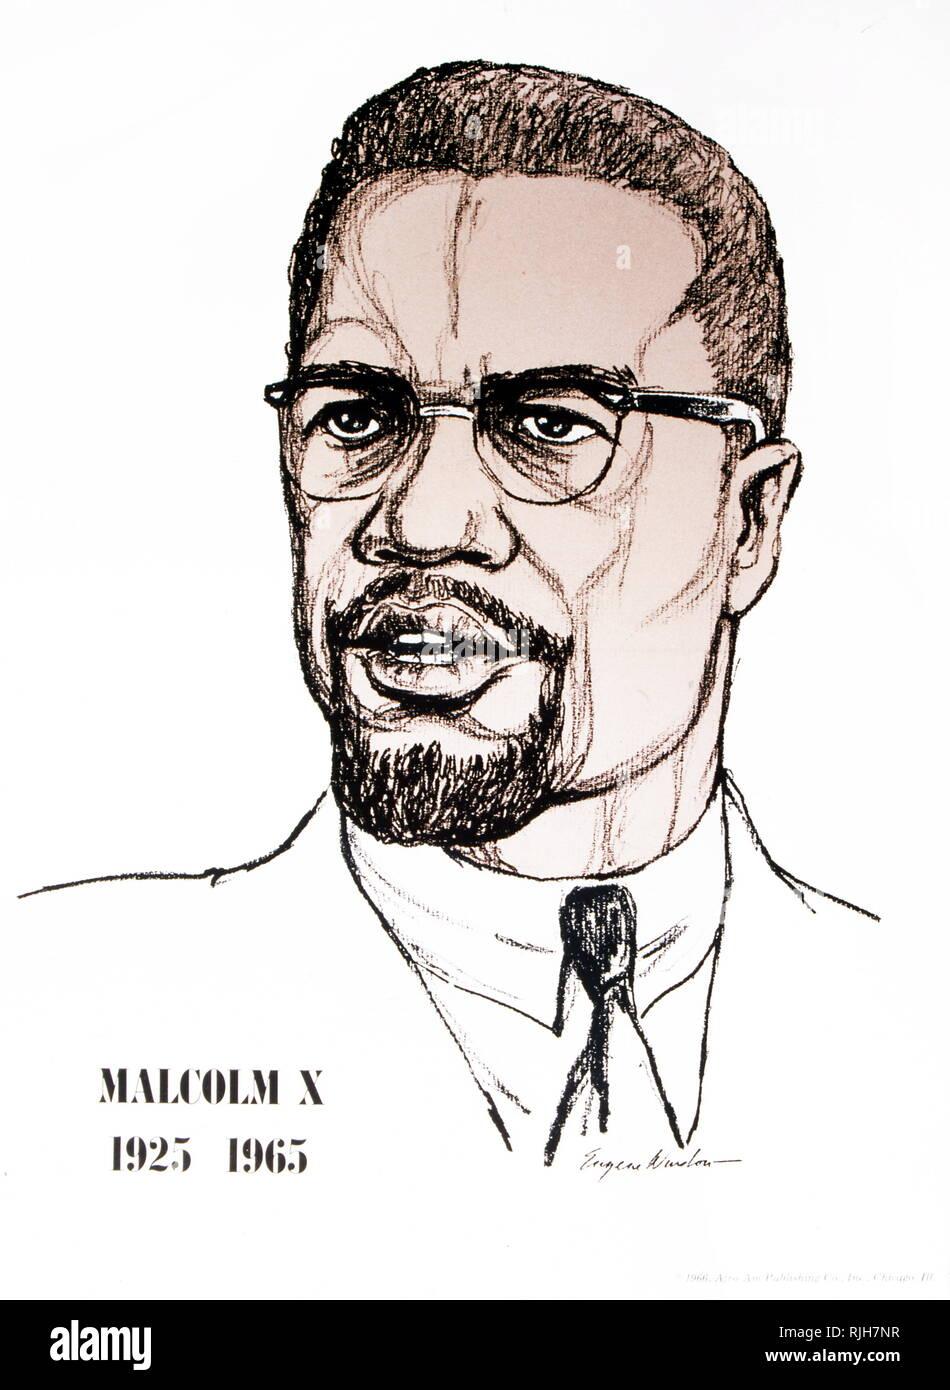 Malcolm X (1925 - 1965) war ein US-amerikanischer moslemische Ministerin und Menschenrechtsaktivist. Stockfoto